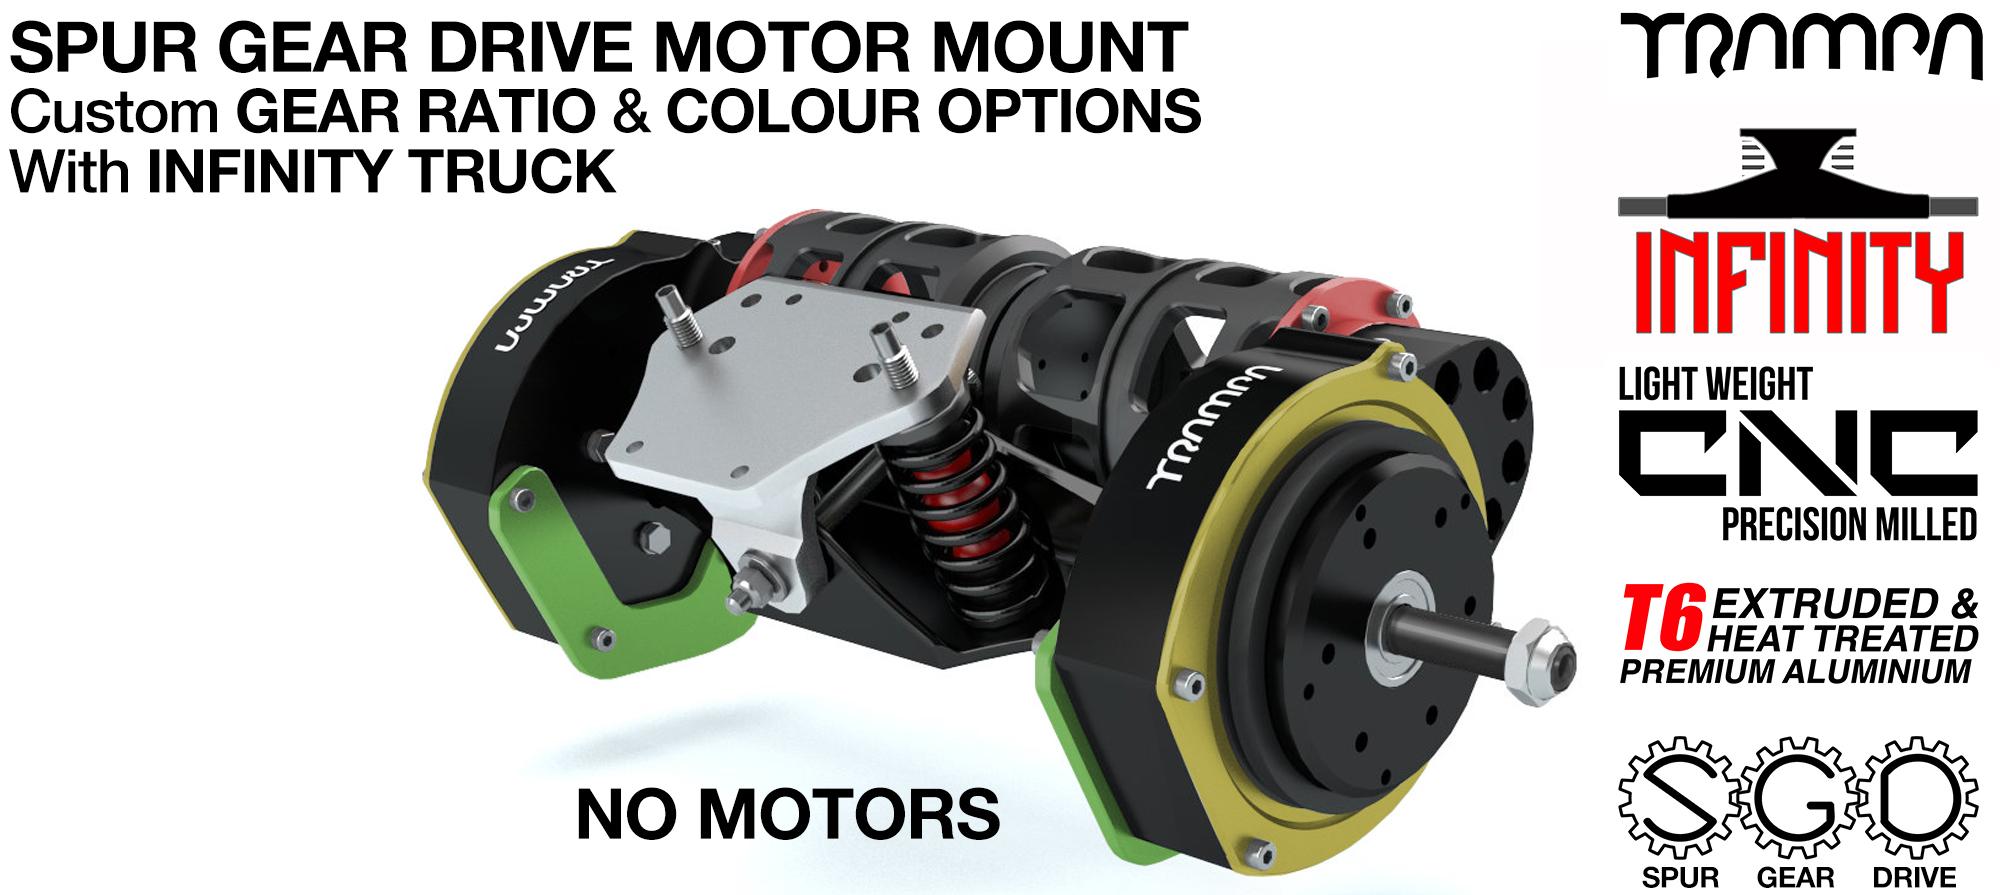 Mountainboard EXTERNAL Spur Gear Drive TWIN Motor Mounts & INFINITY TRUCK